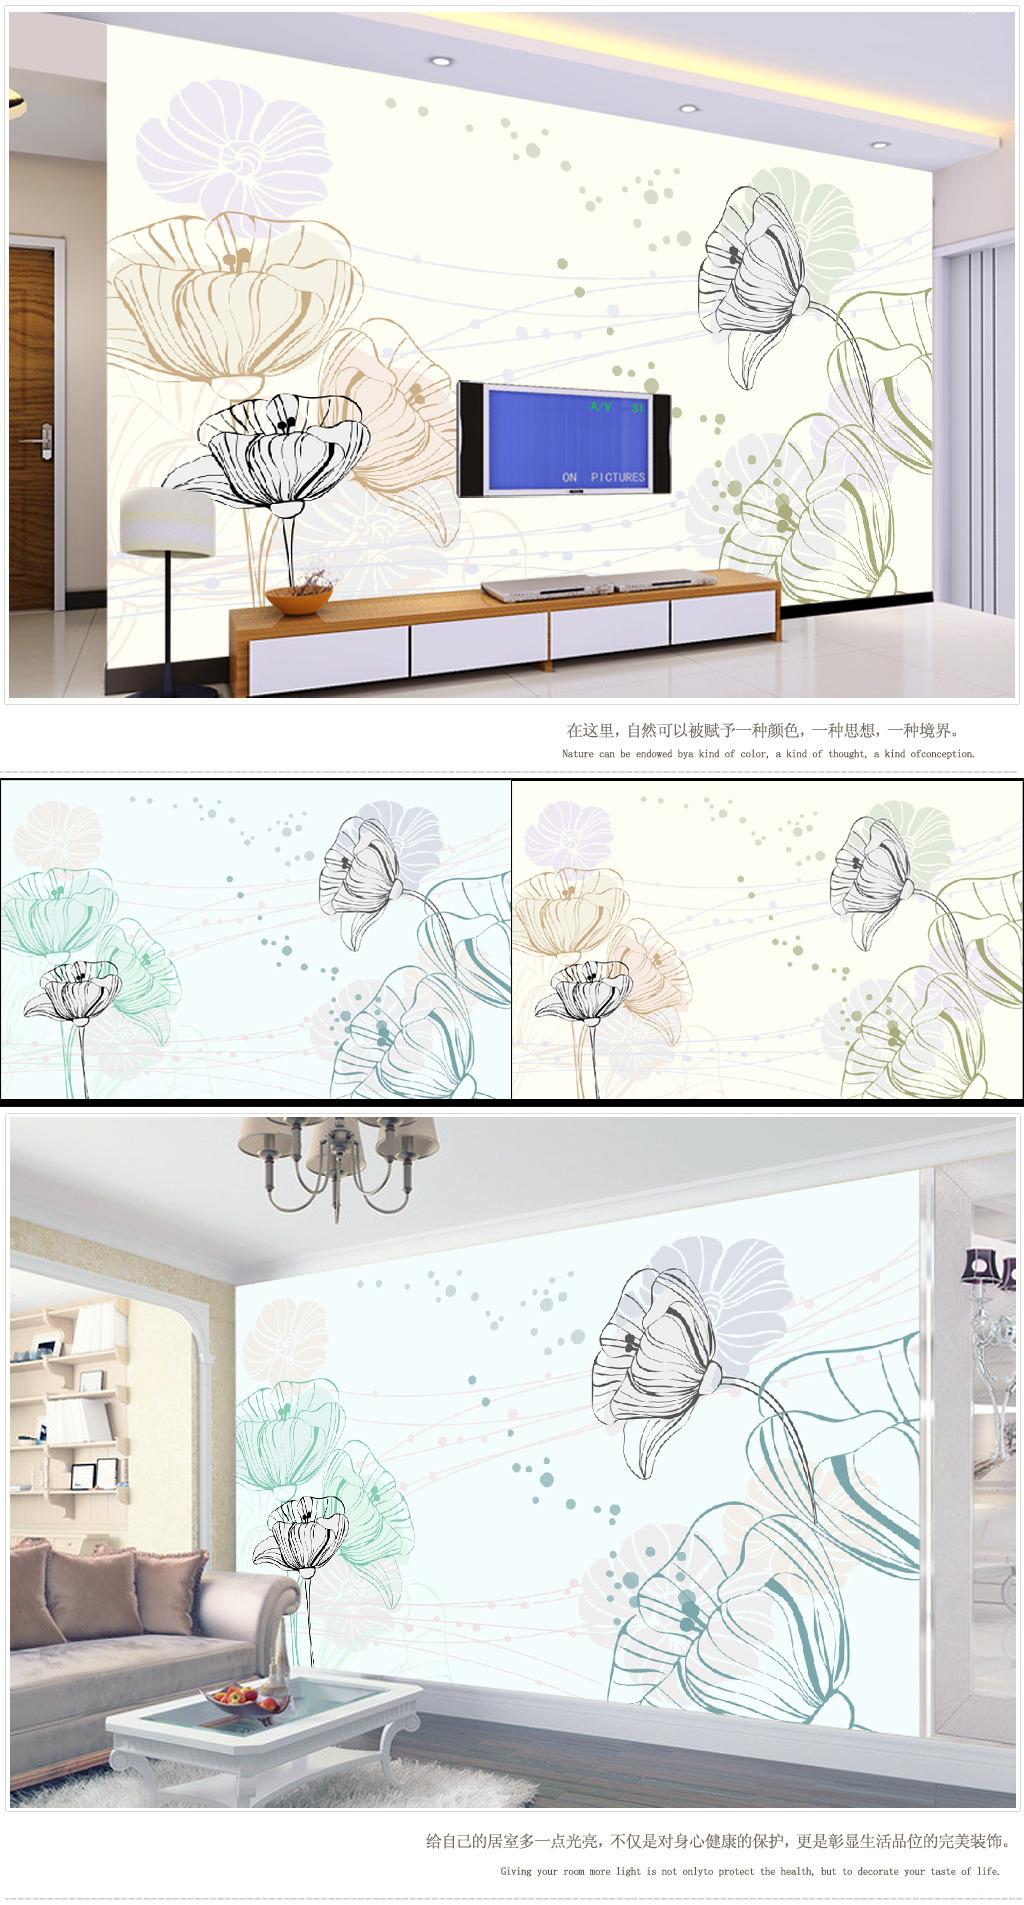 抽象线条手绘花卉花朵电视背景墙装饰画